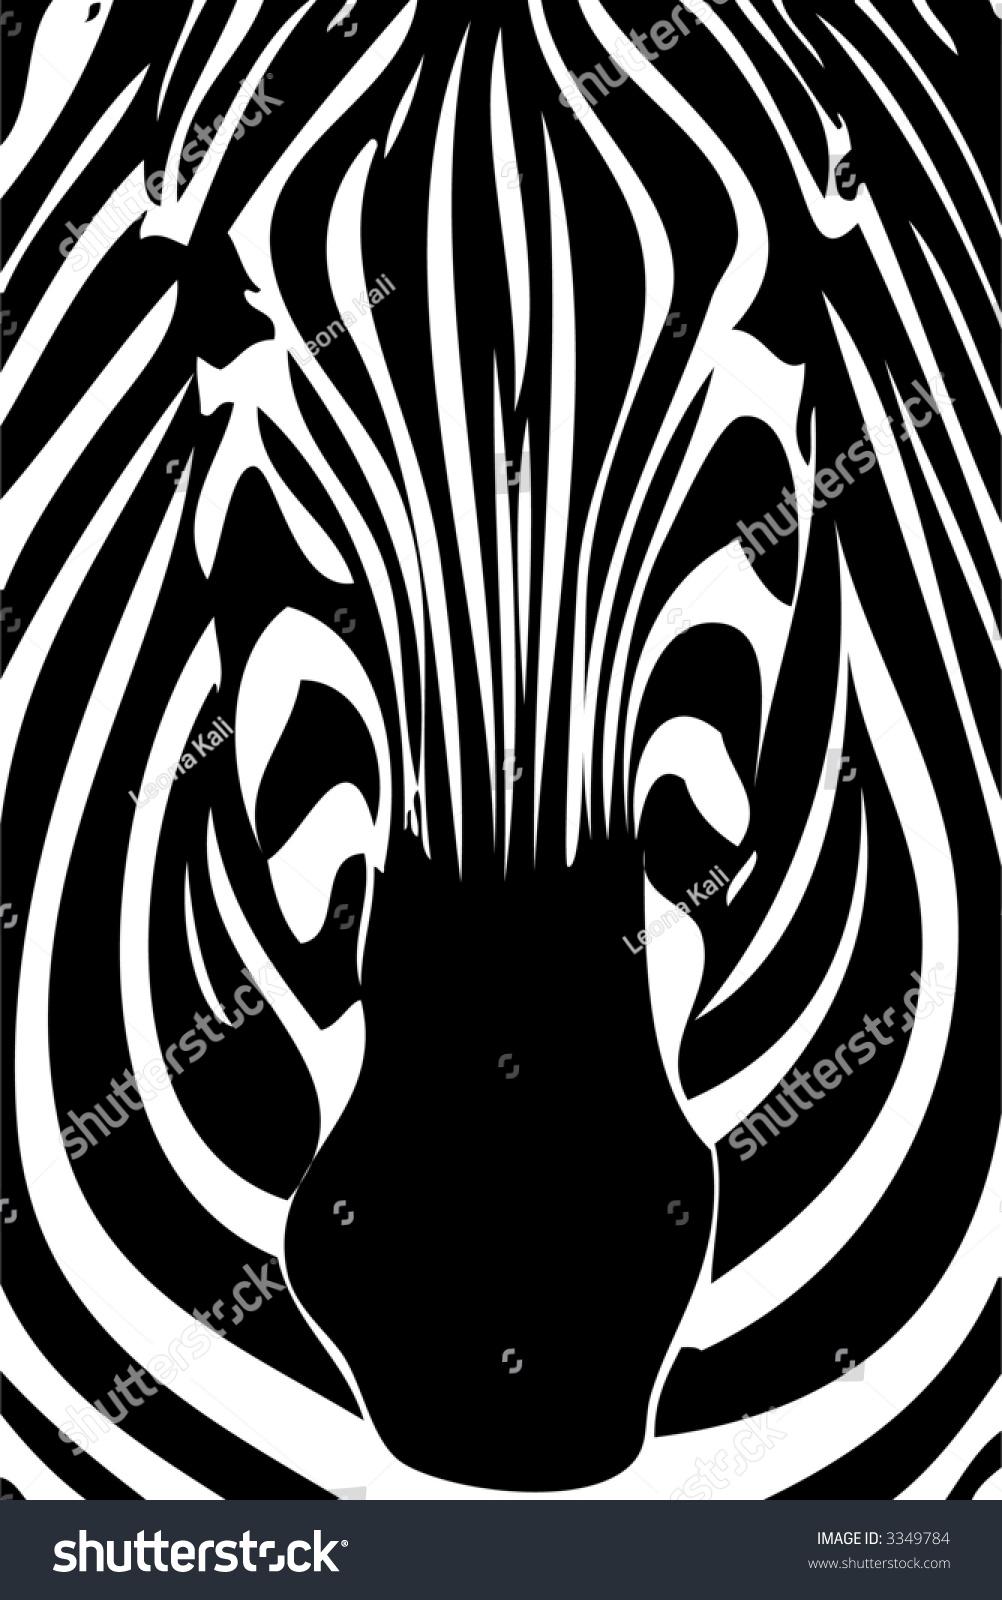 zebra face stock vector 3349784 shutterstock